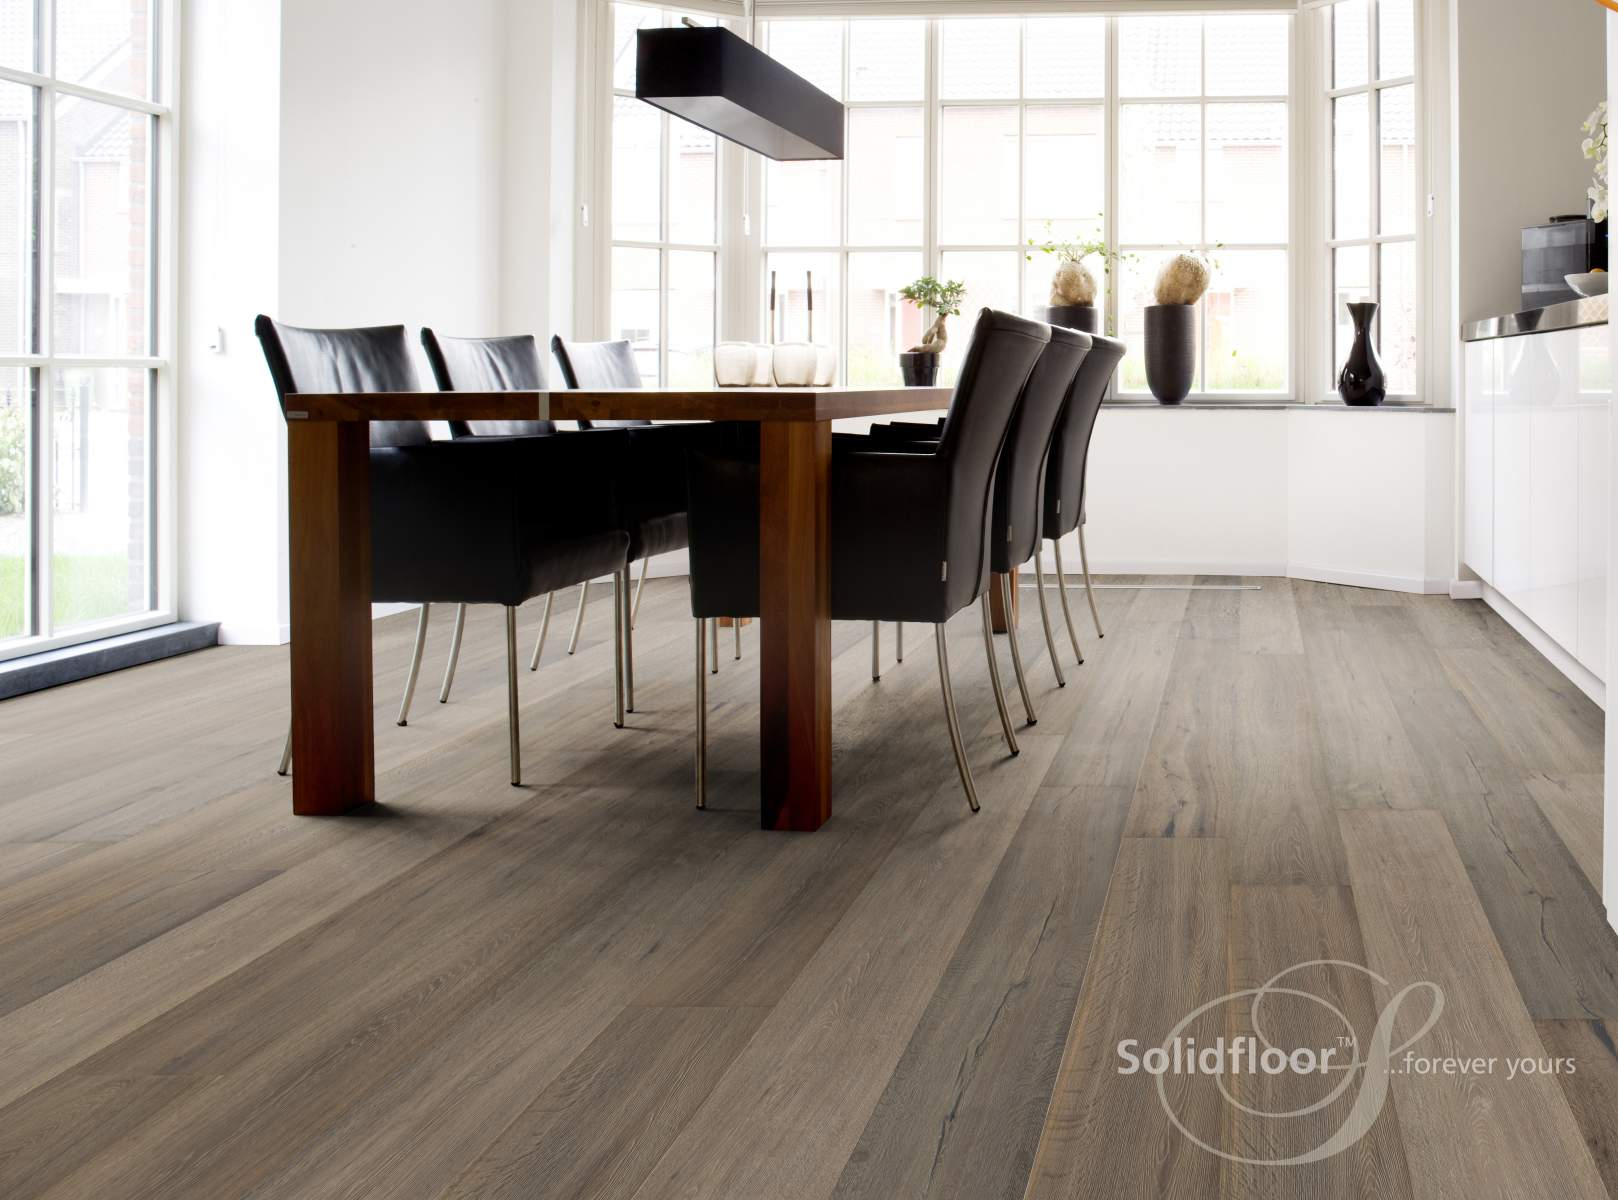 Vloer verven fabulous elegant houten vloer wit verven mooi diy